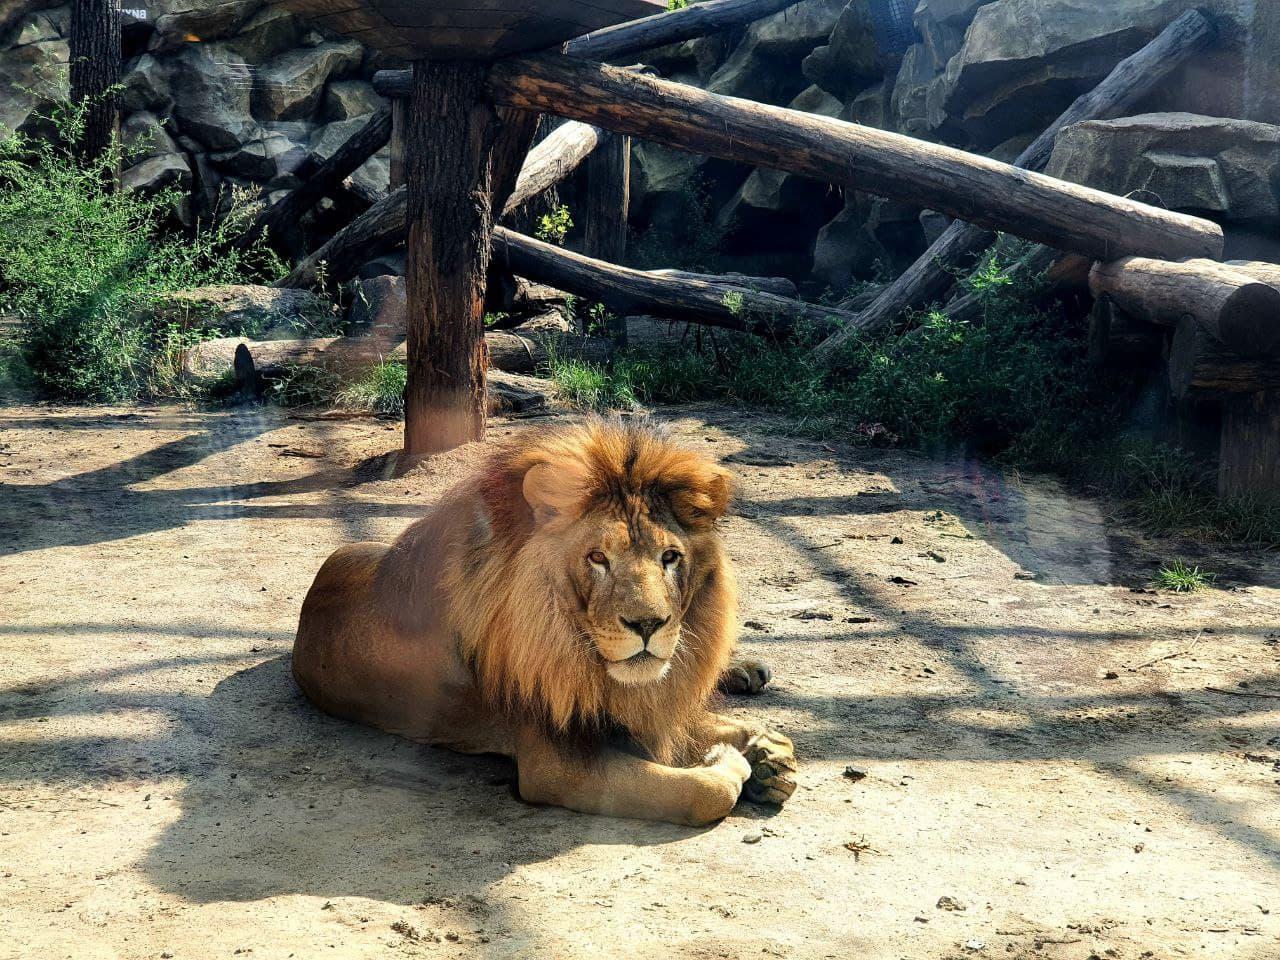 Смотри фото и видео: в Харькове открыли зоопарк после реконструкции фото 4